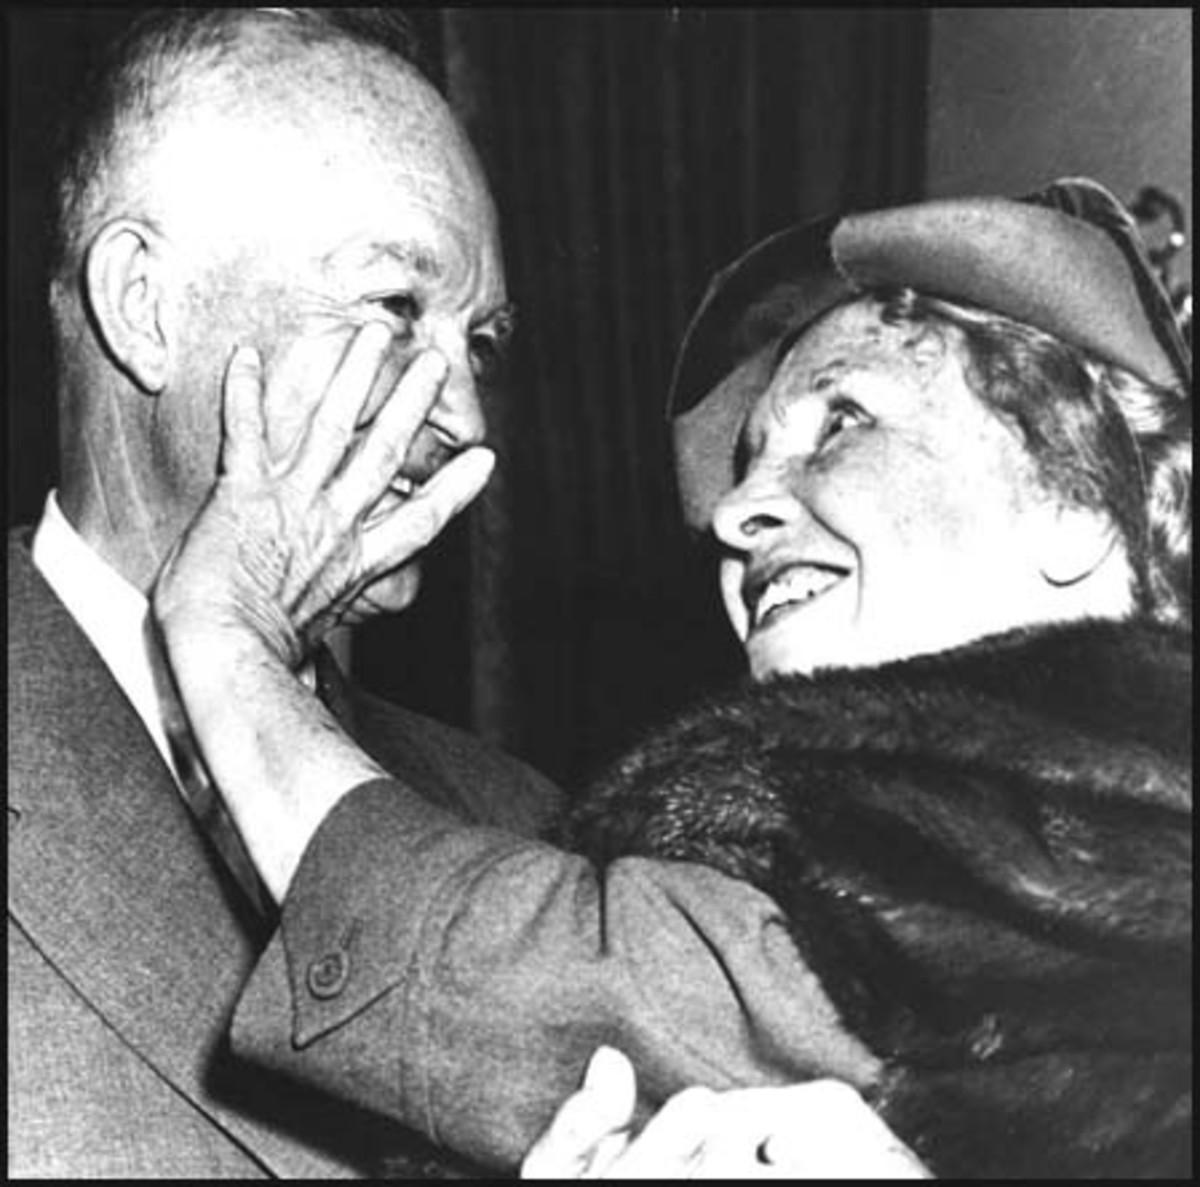 Helen Keller reads the lips of President Dwight D. Eisenhower.